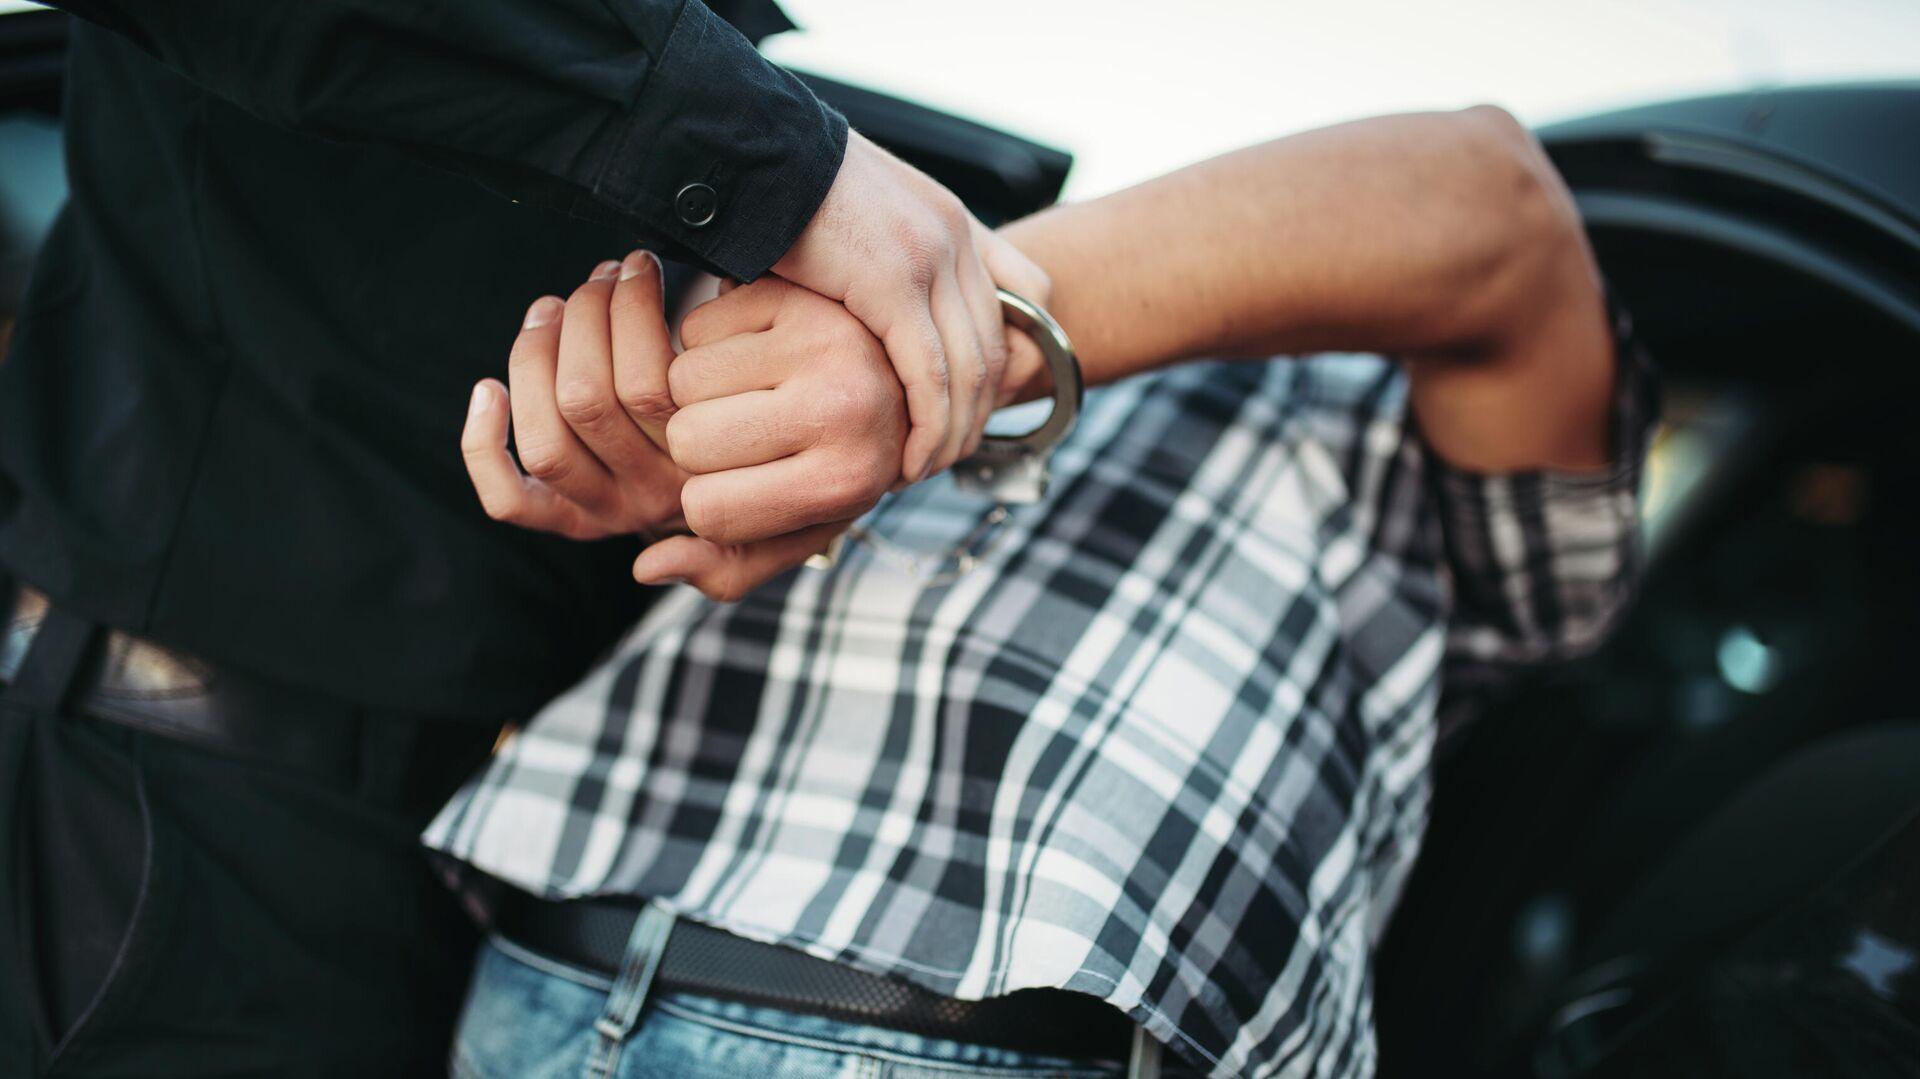 1558863992 0:0:3067:1725 1920x0 80 0 0 3732c22ecca37f63bf7ff06897d9ee3f - В Салехарде осудили наркоторговца с Камчатки